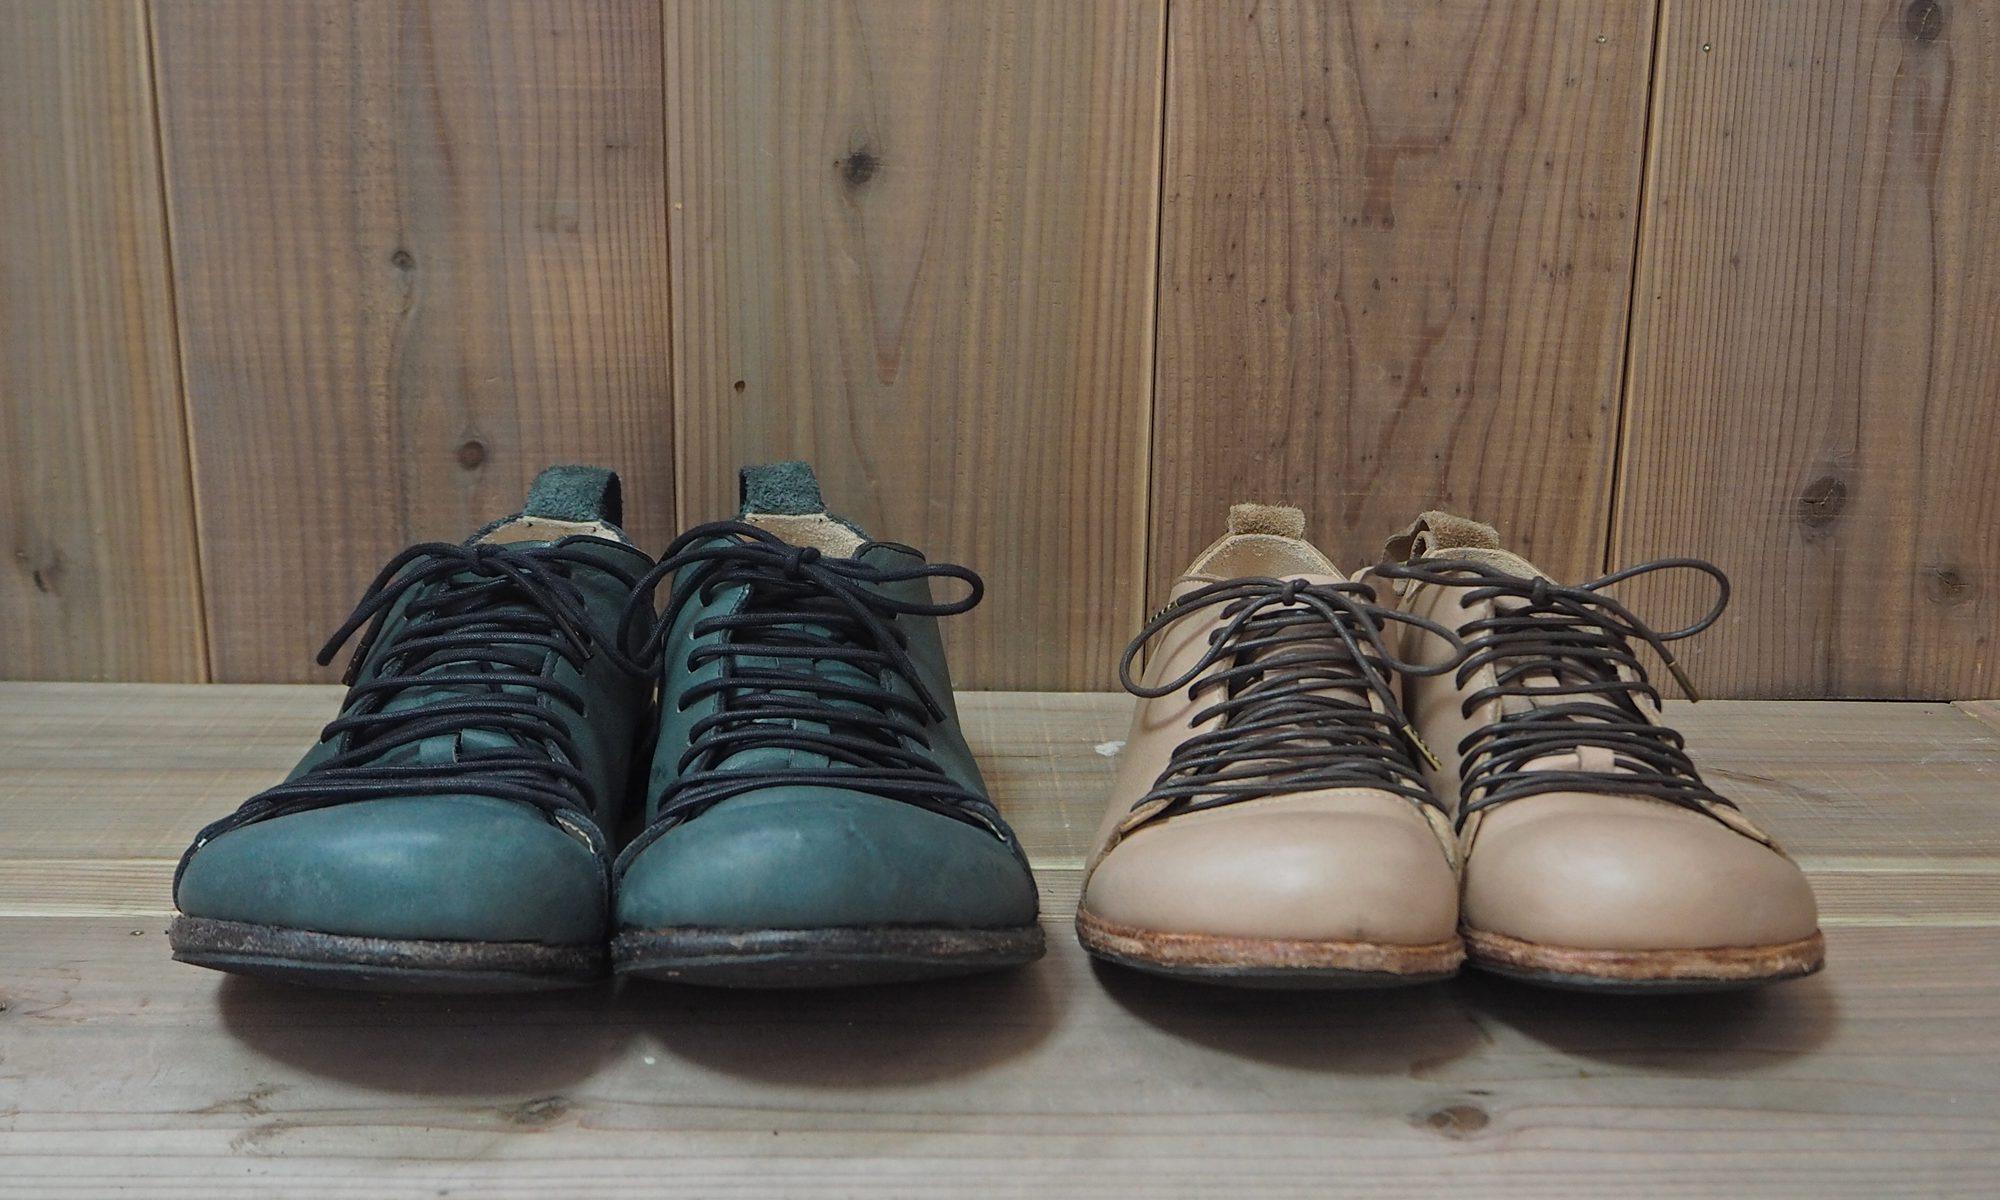 靴、革靴、スニーカー、楽、アトリエわっか、わっか、お洒落、おしゃれ、ファッション、カジュアル、シンプル